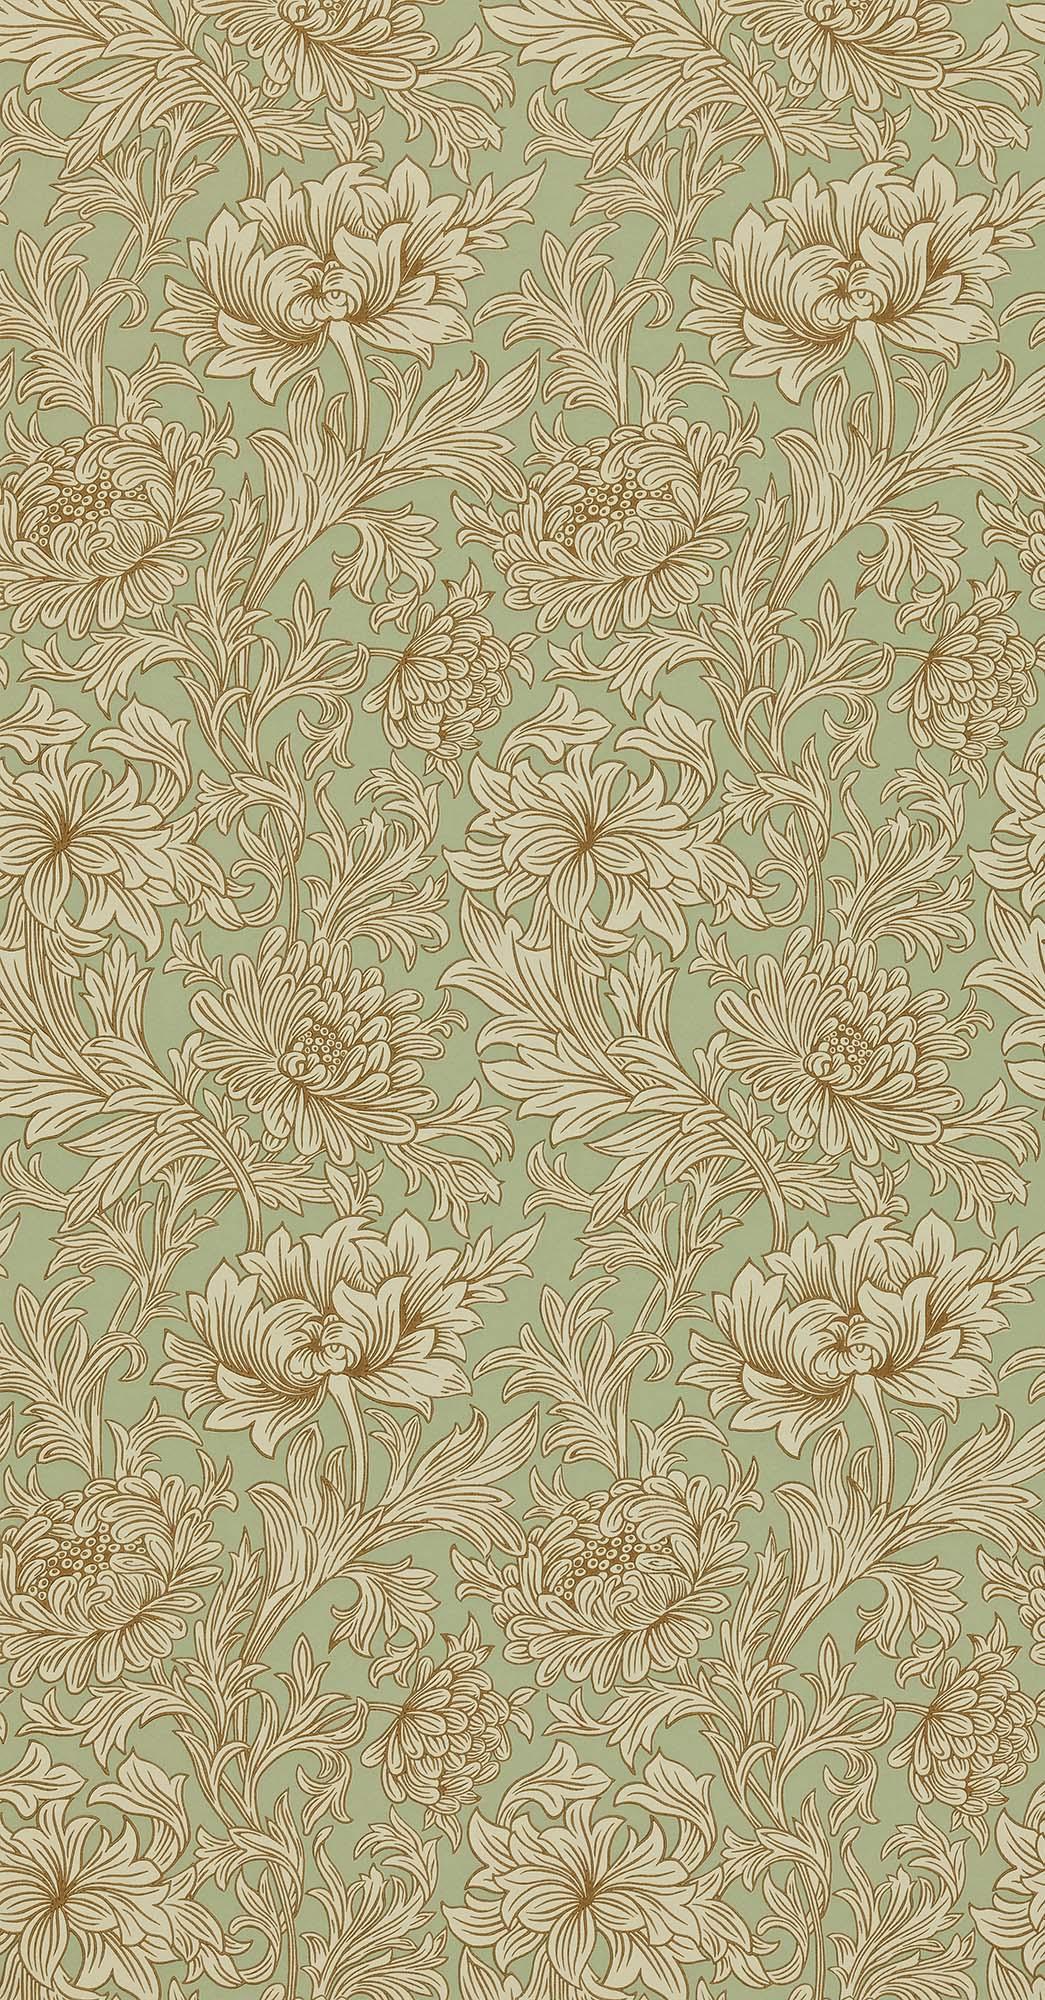 ウィリアムモリス壁紙 Chrysanthemum Toile DMOWCH-104